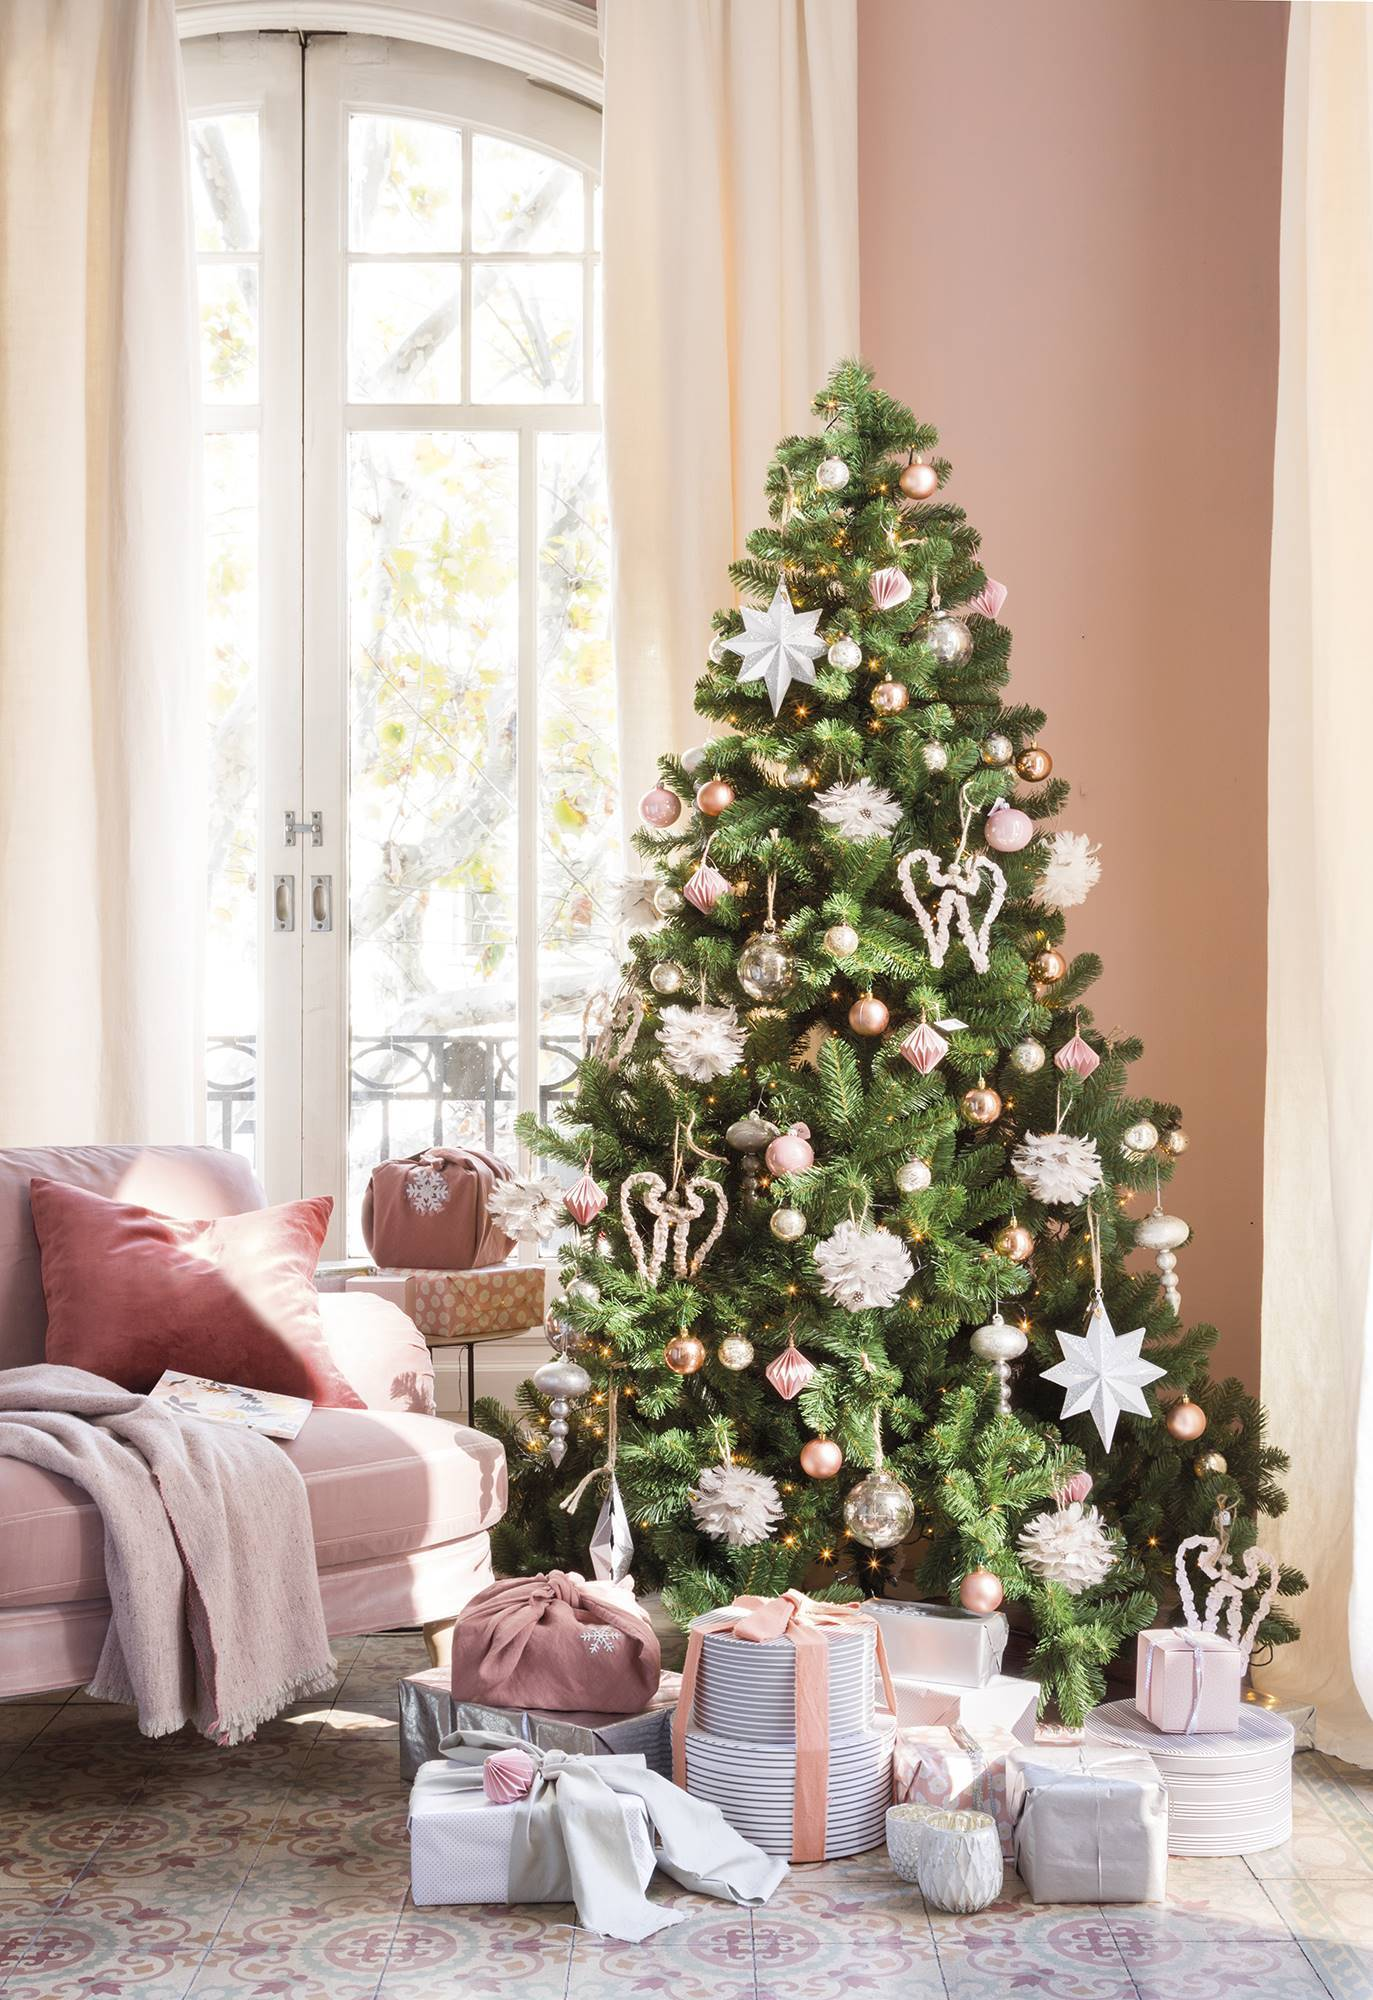 Căn nhà bừng sáng lung linh mùa Giáng sinh nhờ khéo mix đồ trang trí - Ảnh 1.